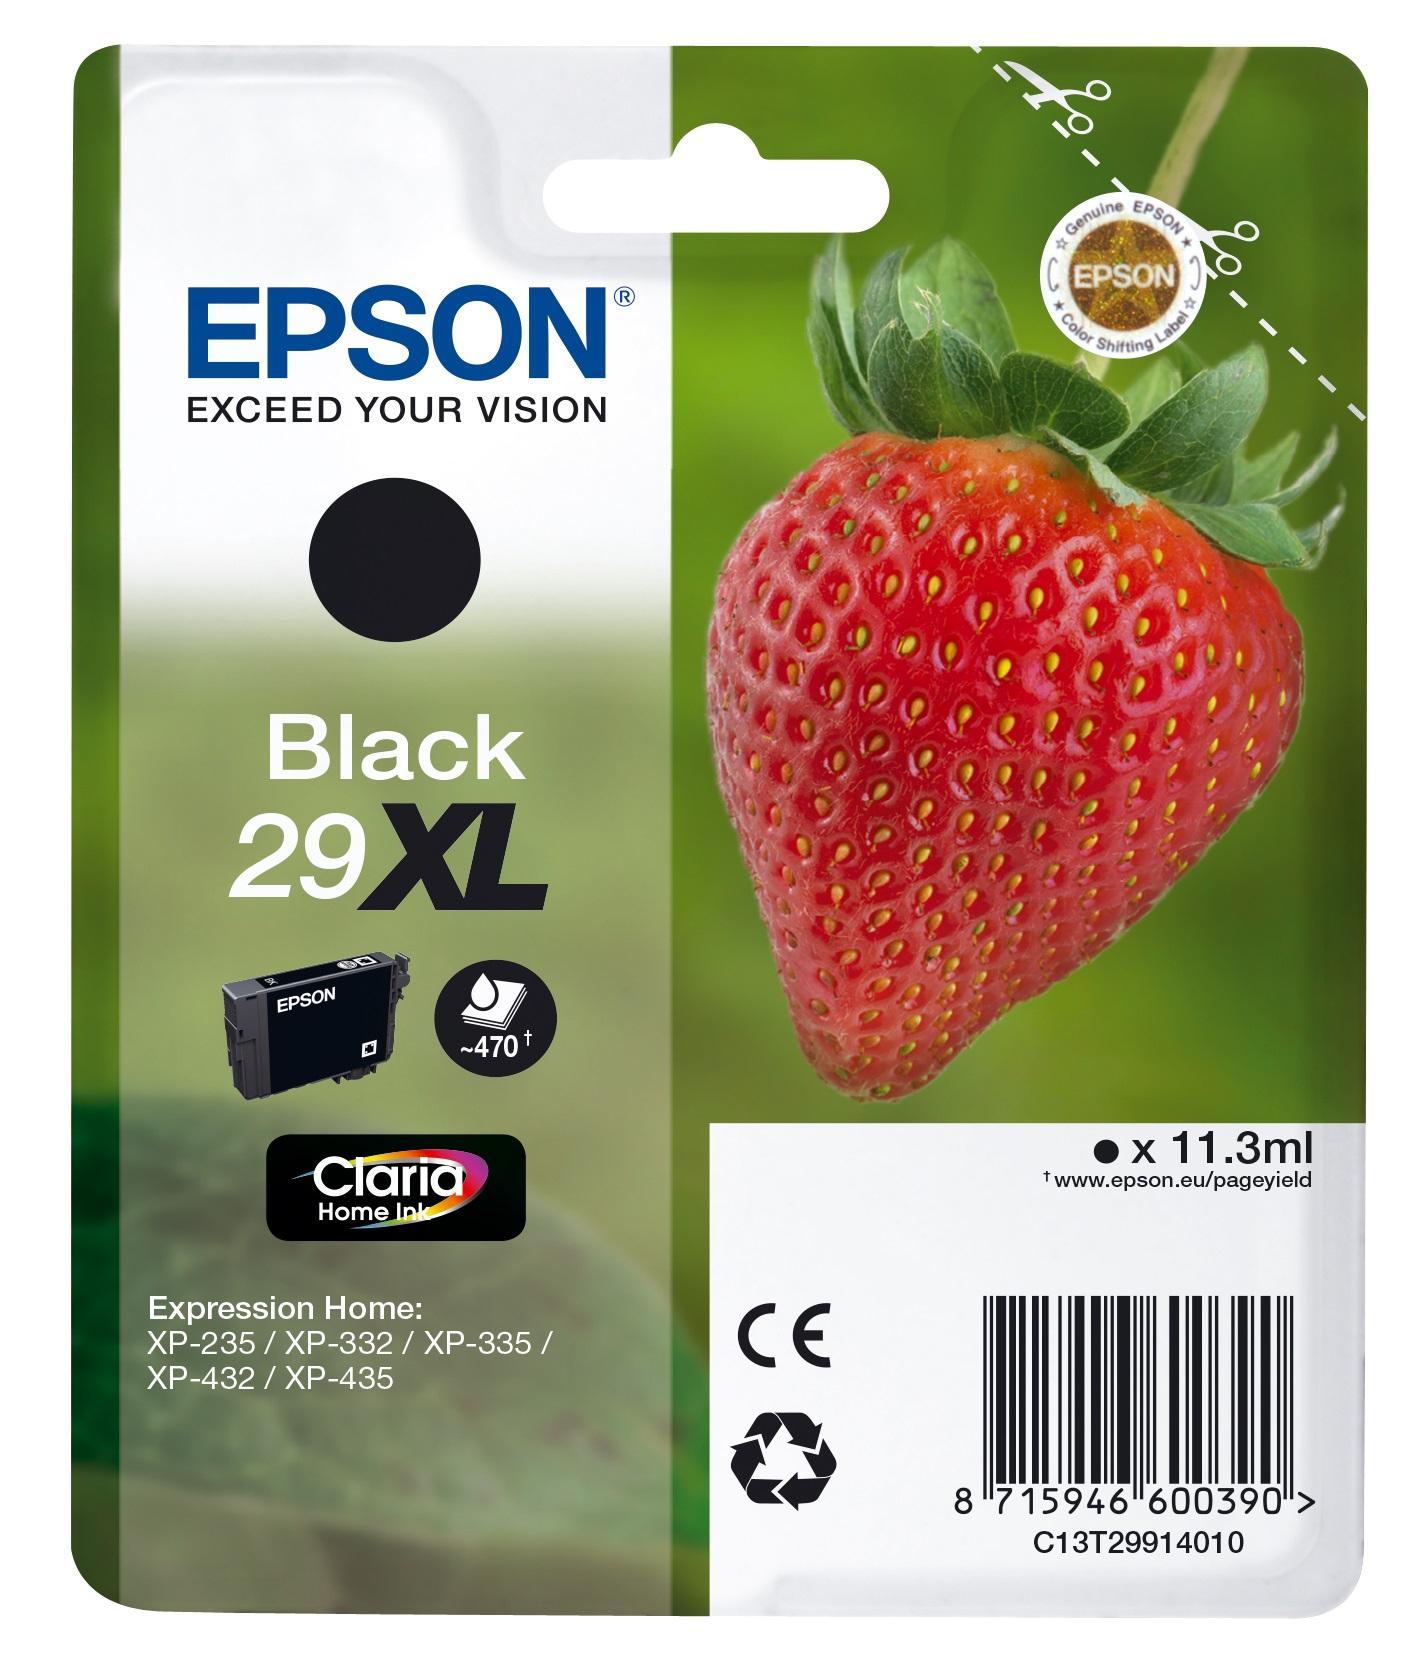 Epson Strawberry 29XL cartuccia d'inchiostro 1 pezzo(i) Originale Resa elevata (XL) Nero